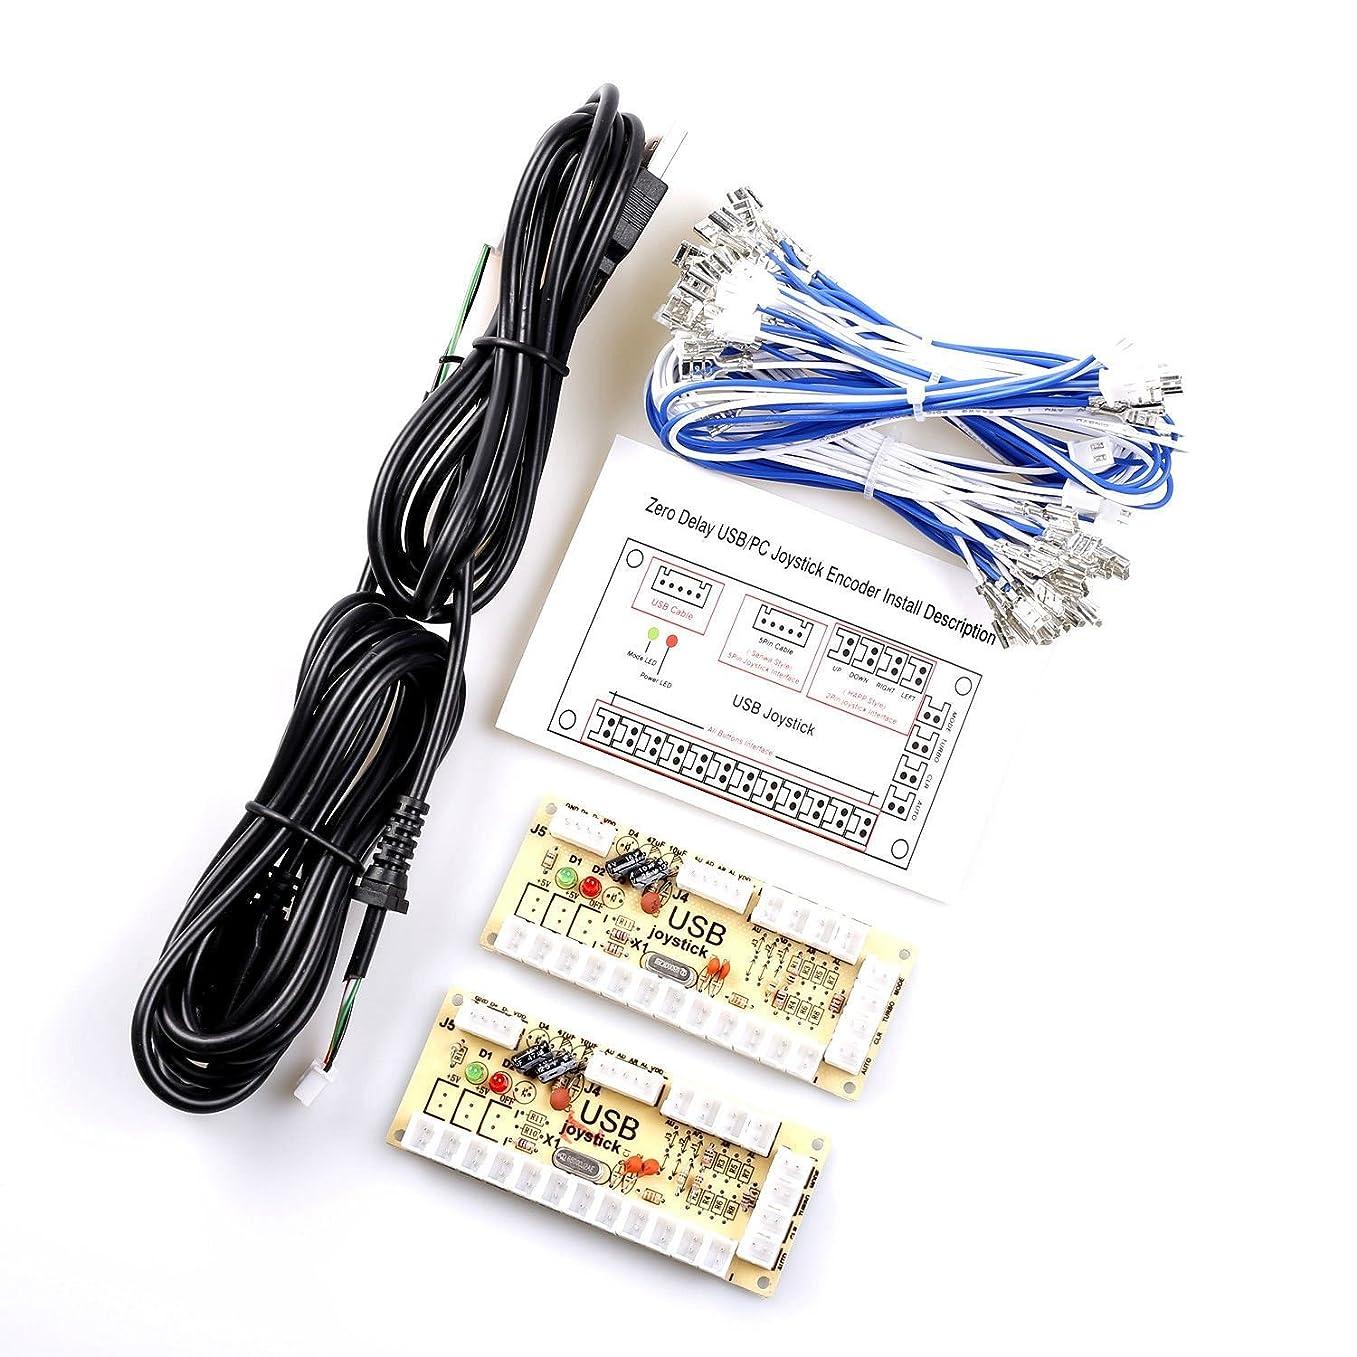 計算可能鳴らすシビックSODIAL 2 x ゼロ遅延アーケードUSBエンコーダーPCジョイスティック2PINジョイスティック&4.8MMボタン